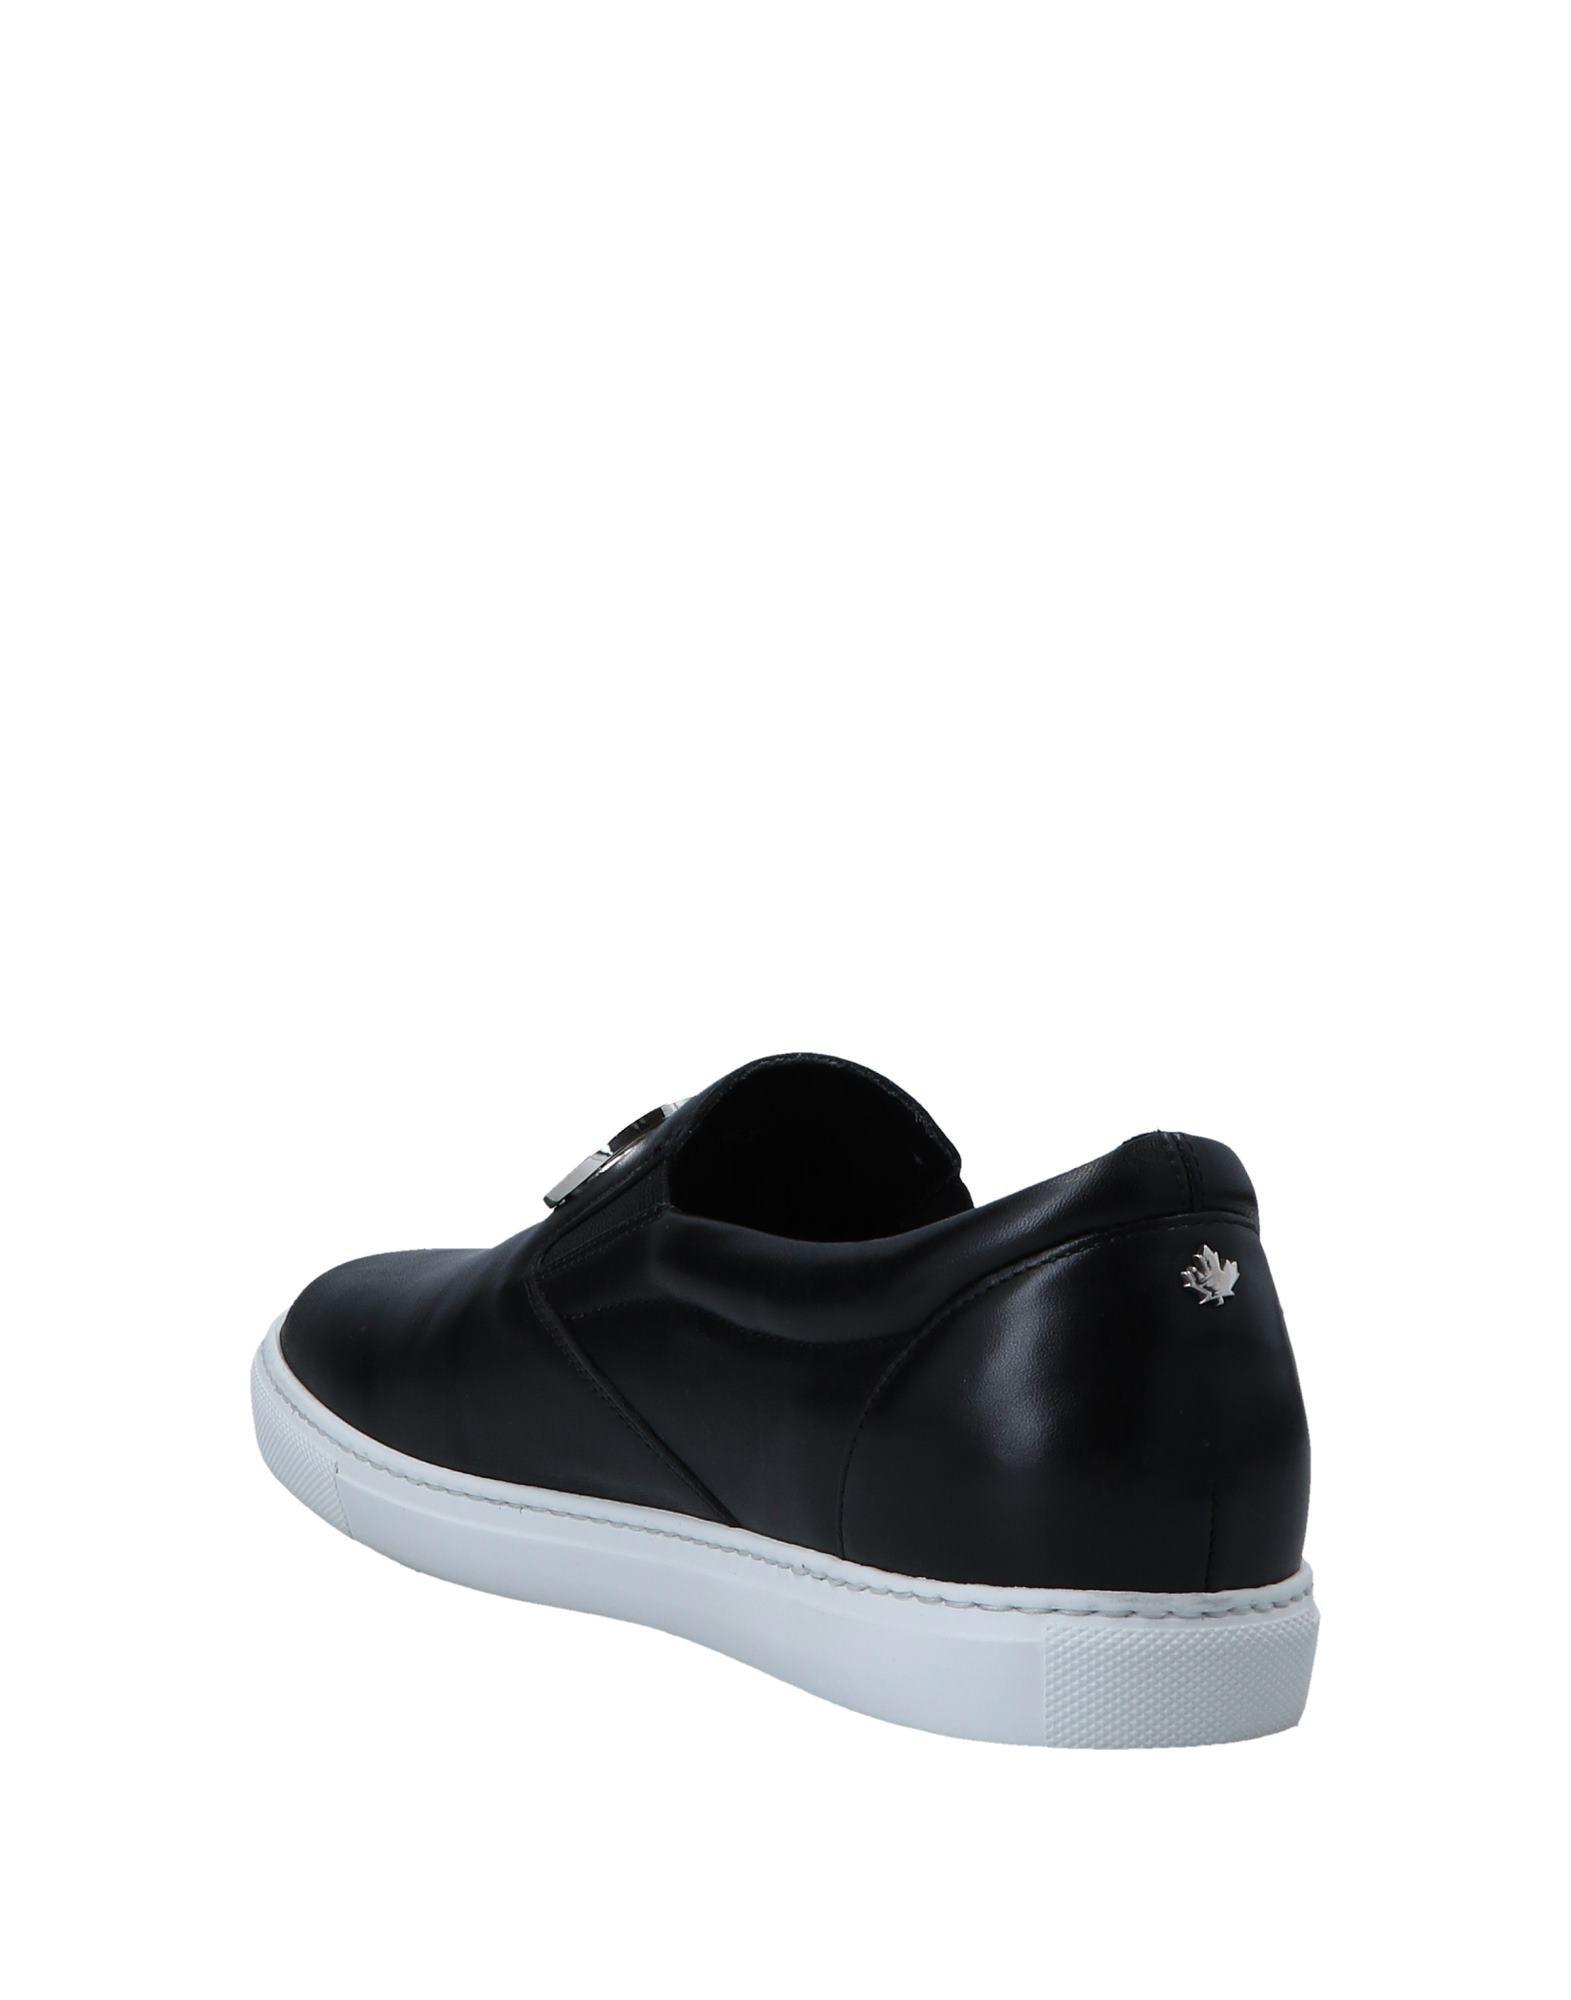 Dsquared2 Sneakers Gute Herren  11553815IB Gute Sneakers Qualität beliebte Schuhe fe91d5